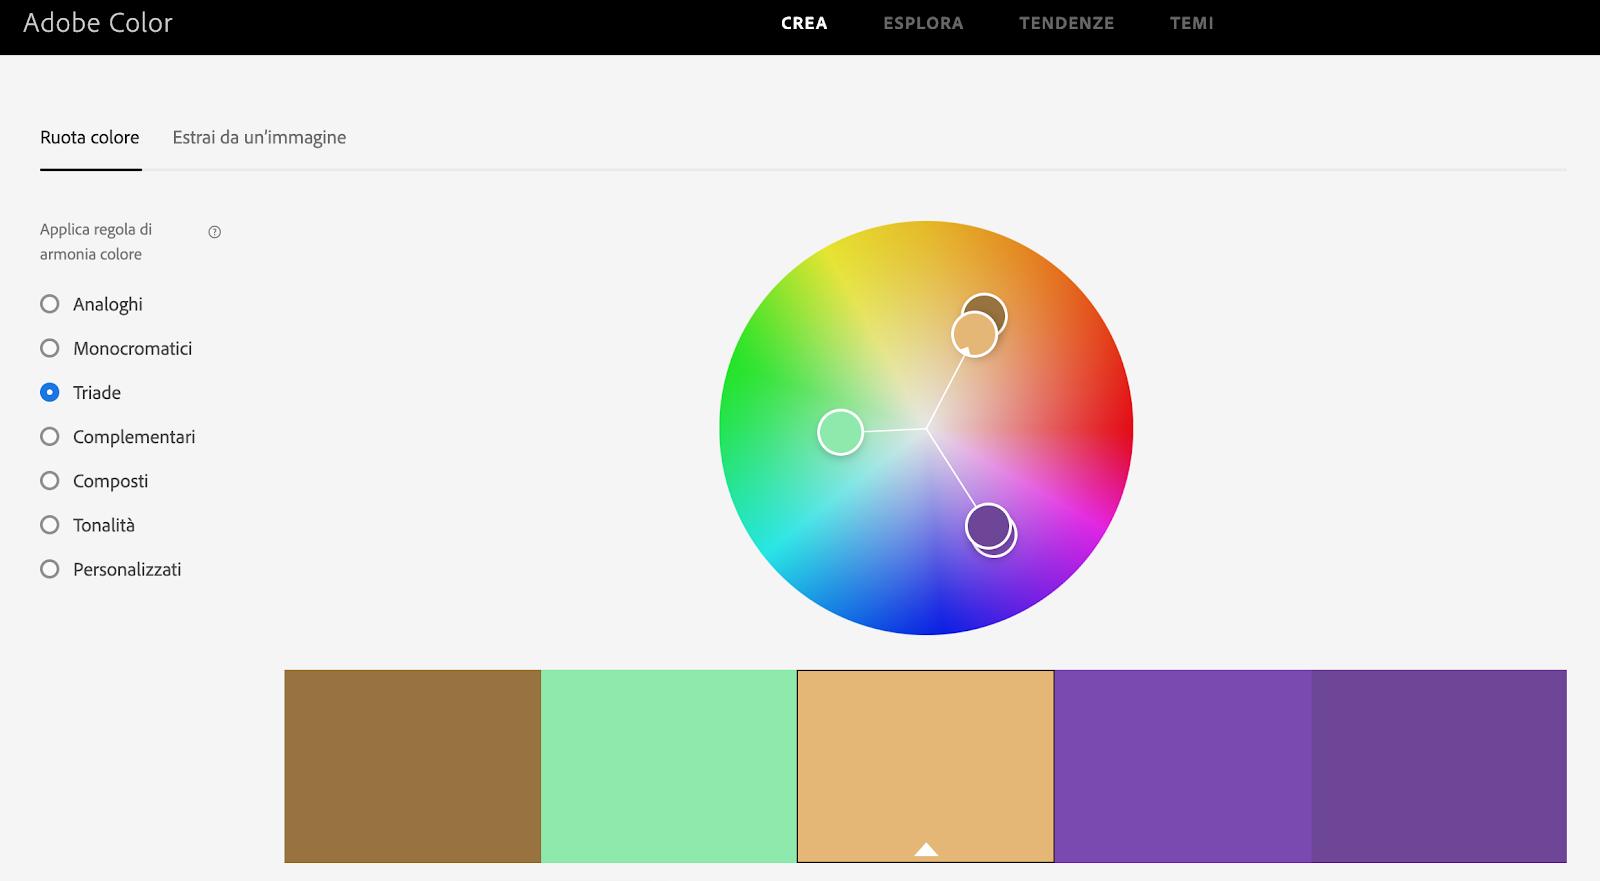 Adobe Color è uno strumento gratuito per trovare palette di colori armoniche per le tue slide PowerPoint.